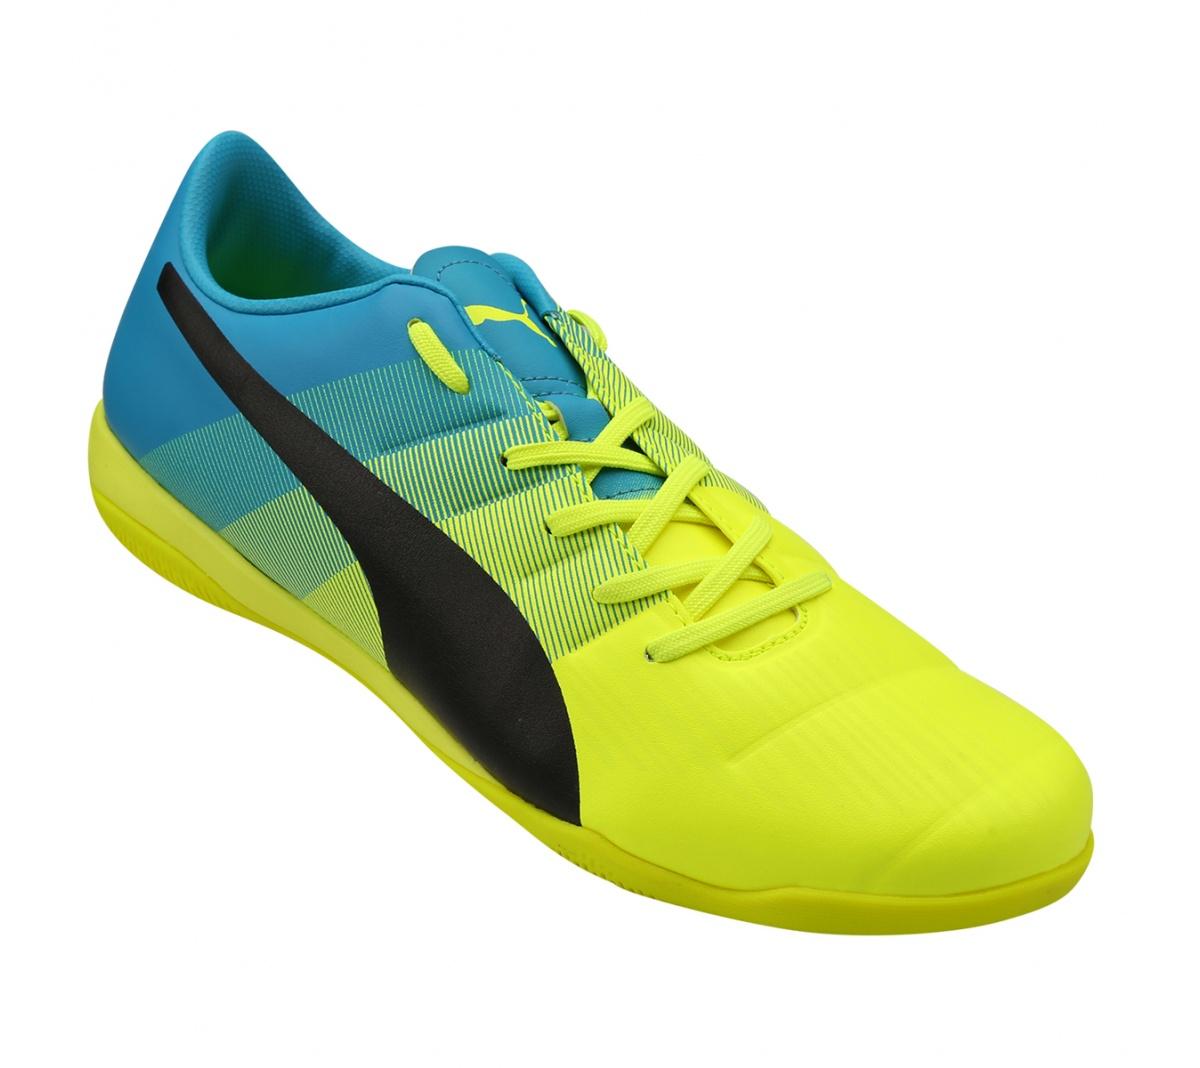 df7cb8e92f1 Tênis Puma EvoPower 3.3 IT Futsal Tênis Puma EvoPower 3.3 IT Futsal ...